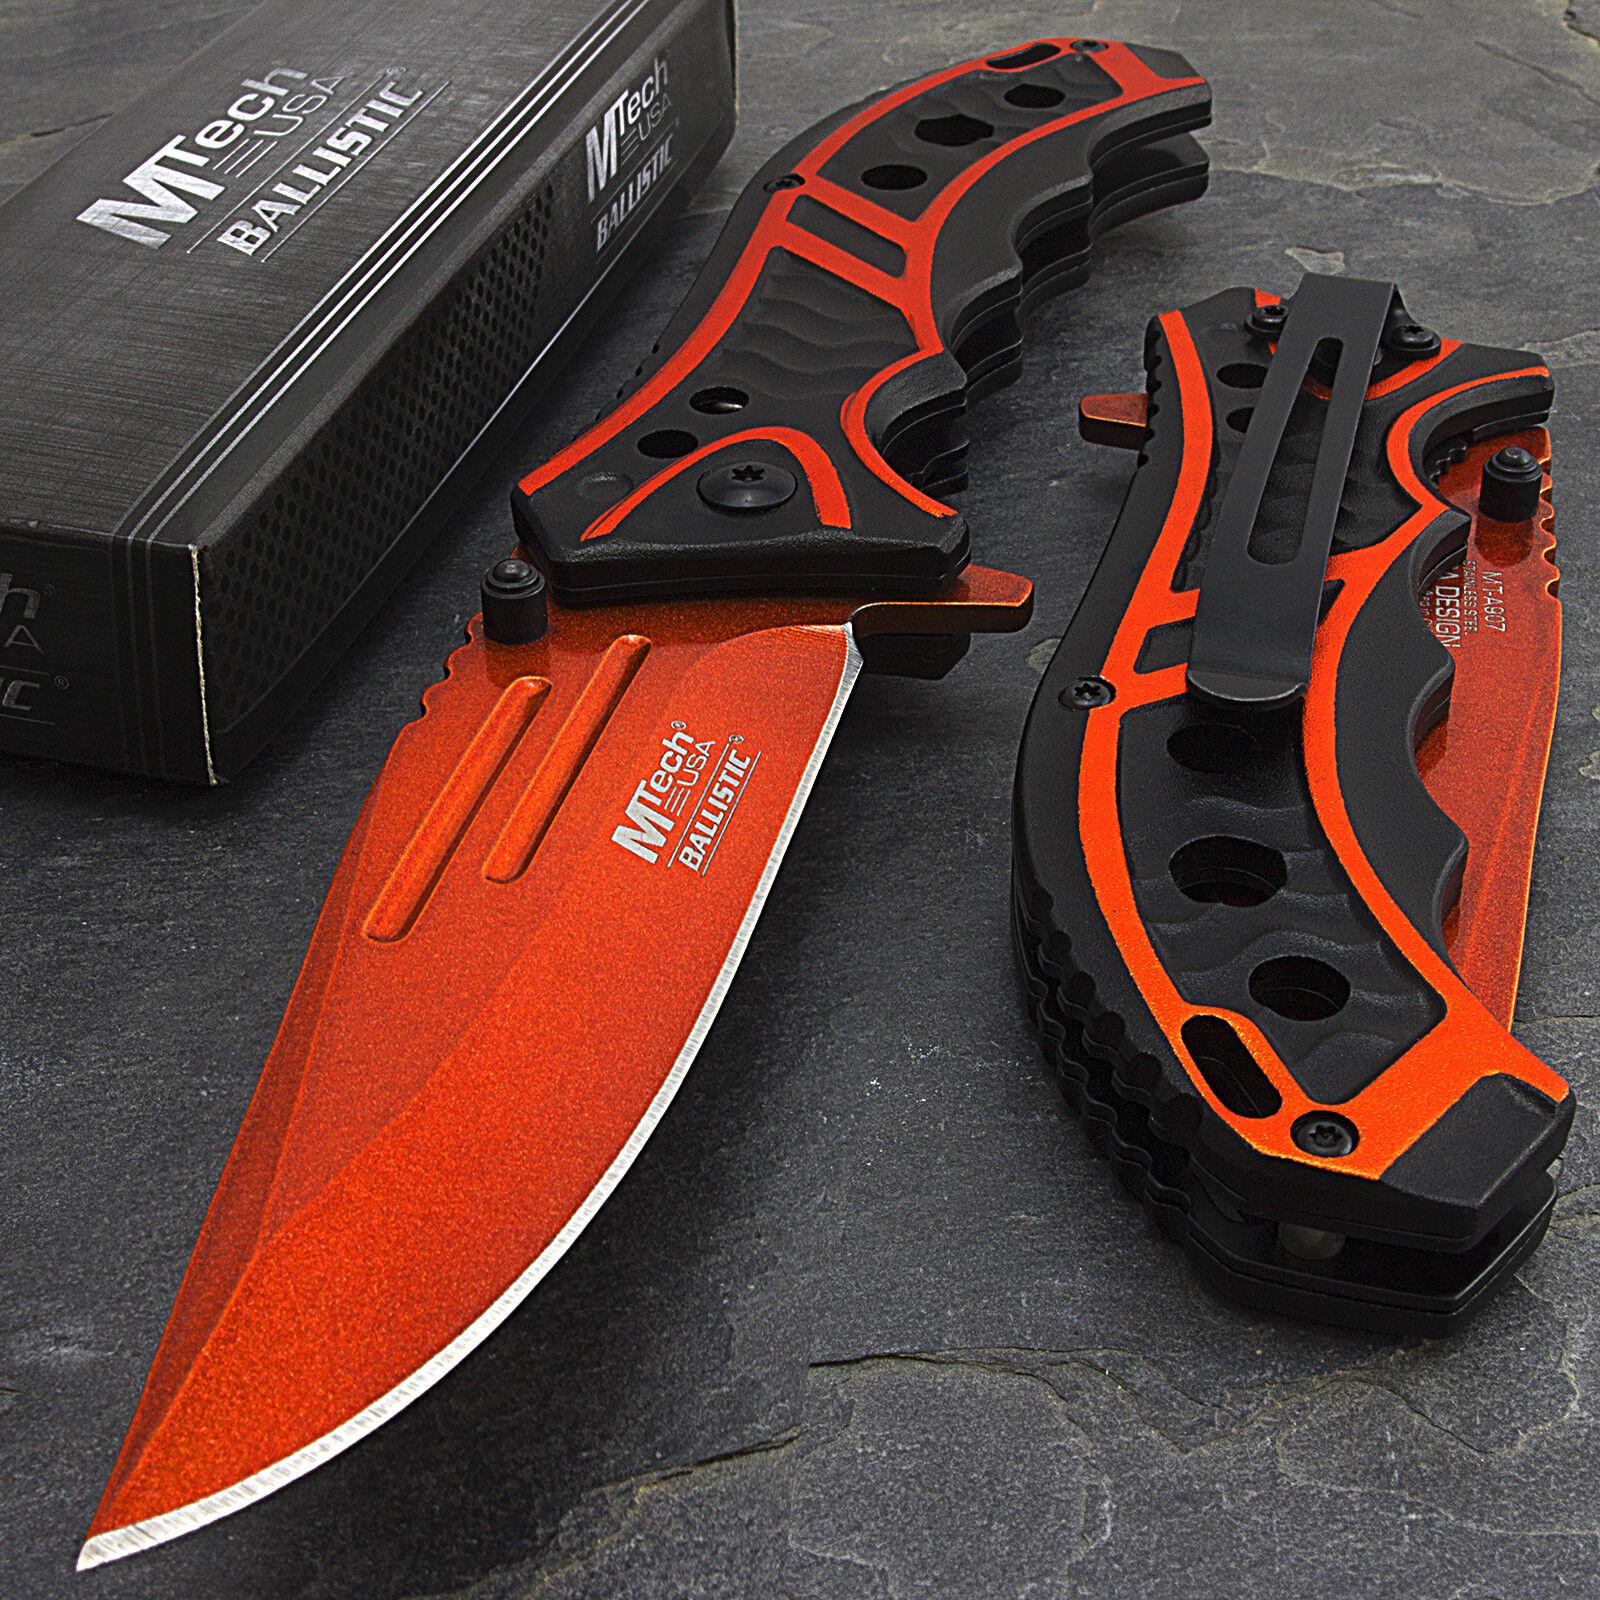 """Knife - 8.25"""" MTECH USA ORANGE SPRING ASSISTED TACTICAL FOLDING POCKET KNIFE Assist Open"""